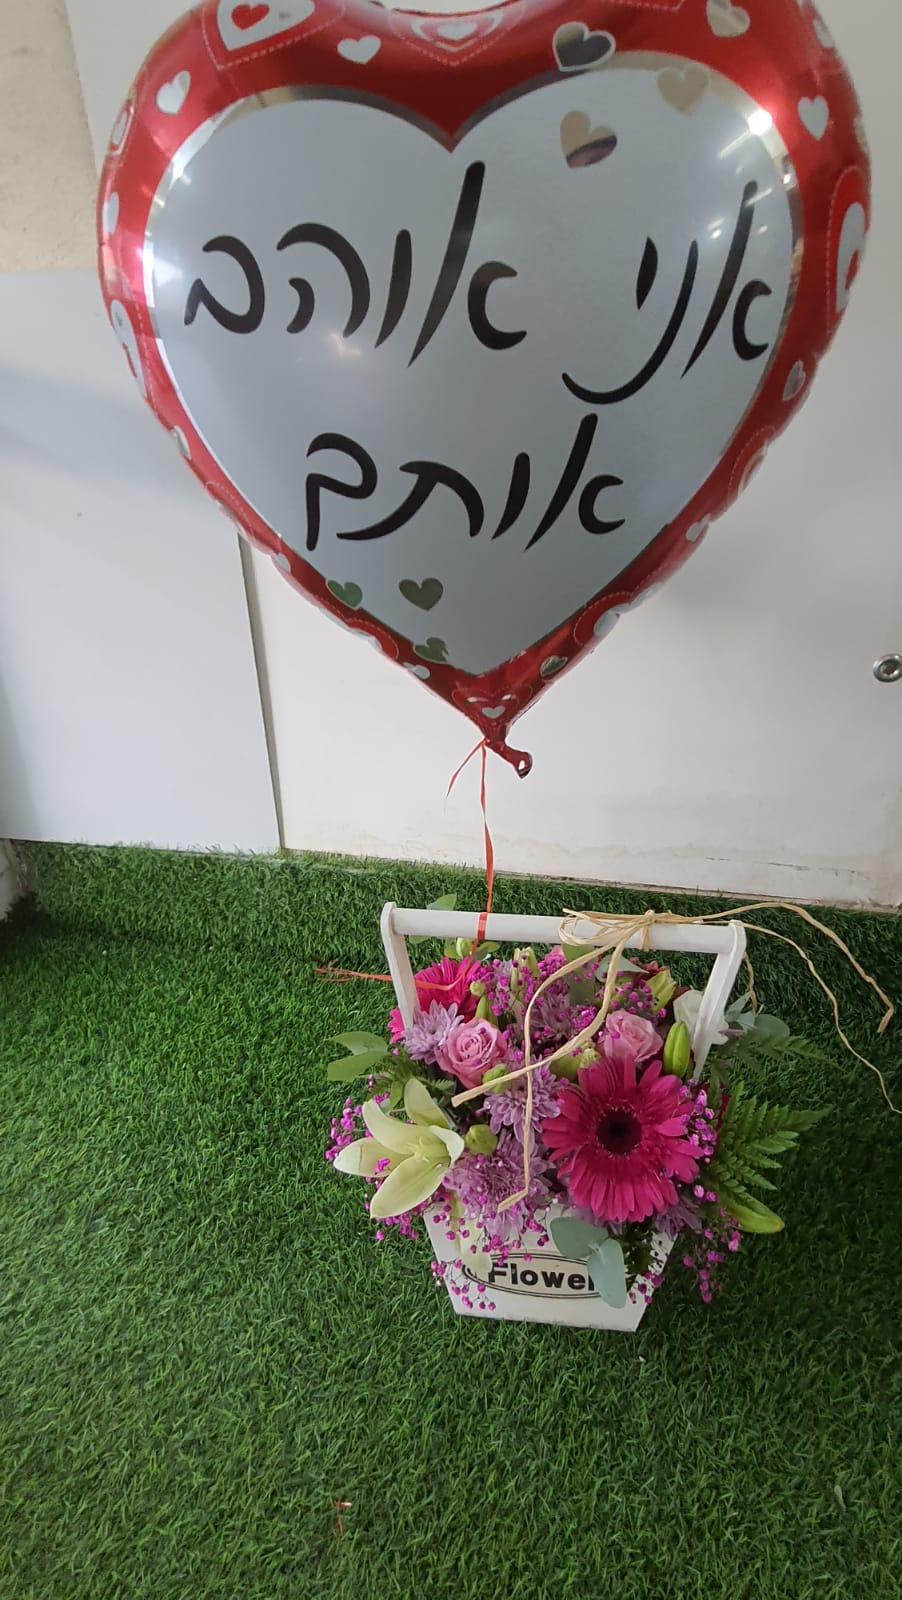 זר 10 עם בלון - ממלכת הבלונים והפרחים - חיפה